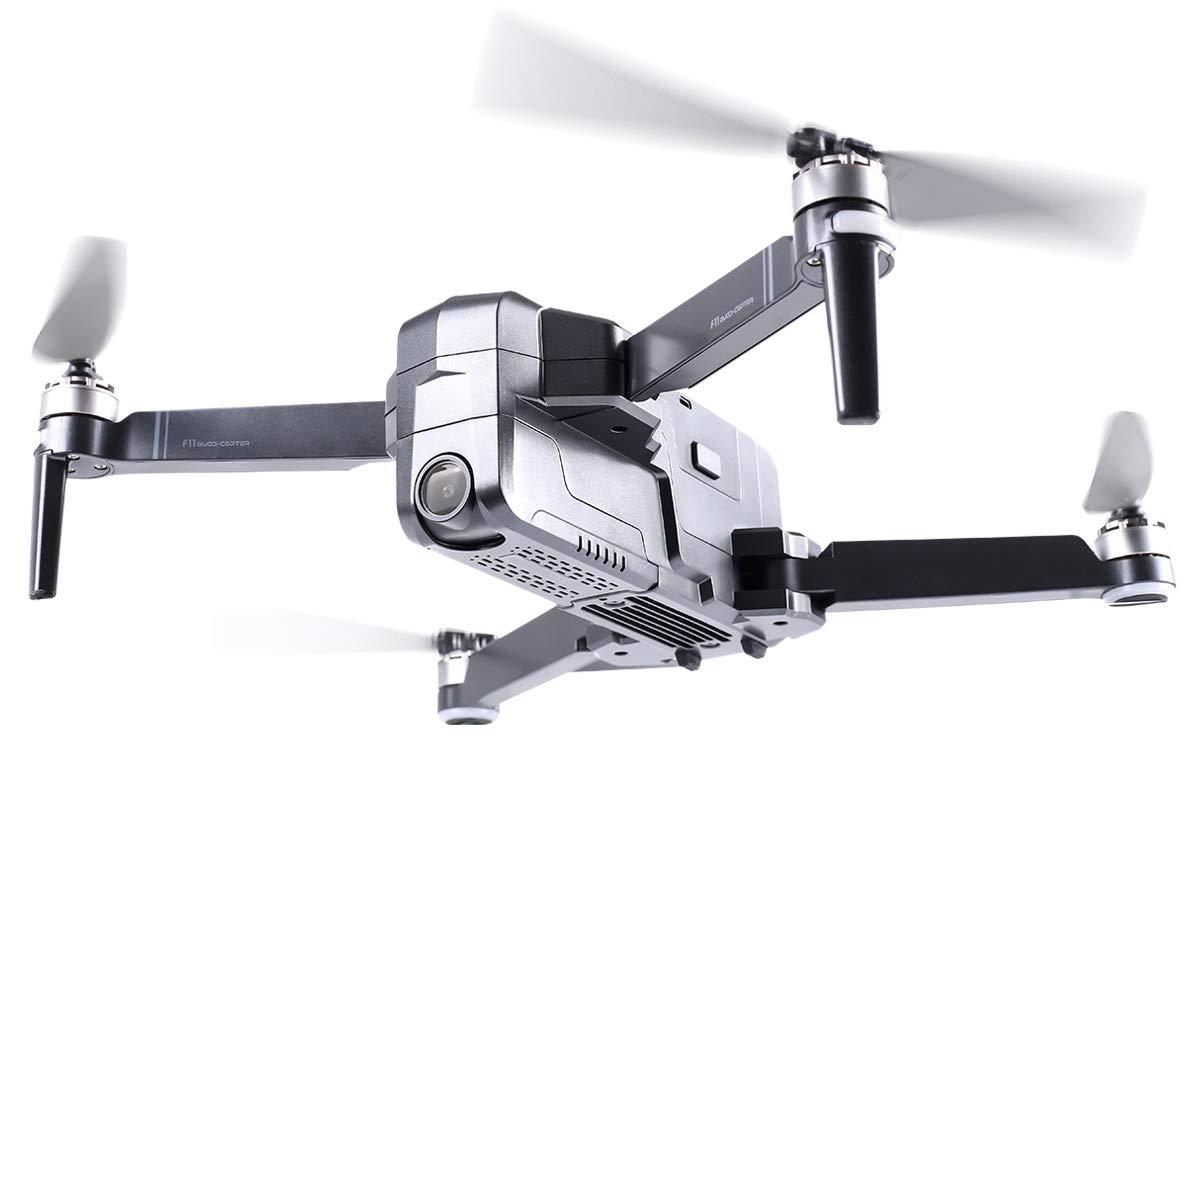 Ruko Quadcopter Brushless Motor Black%EF%BC%882 Batteries